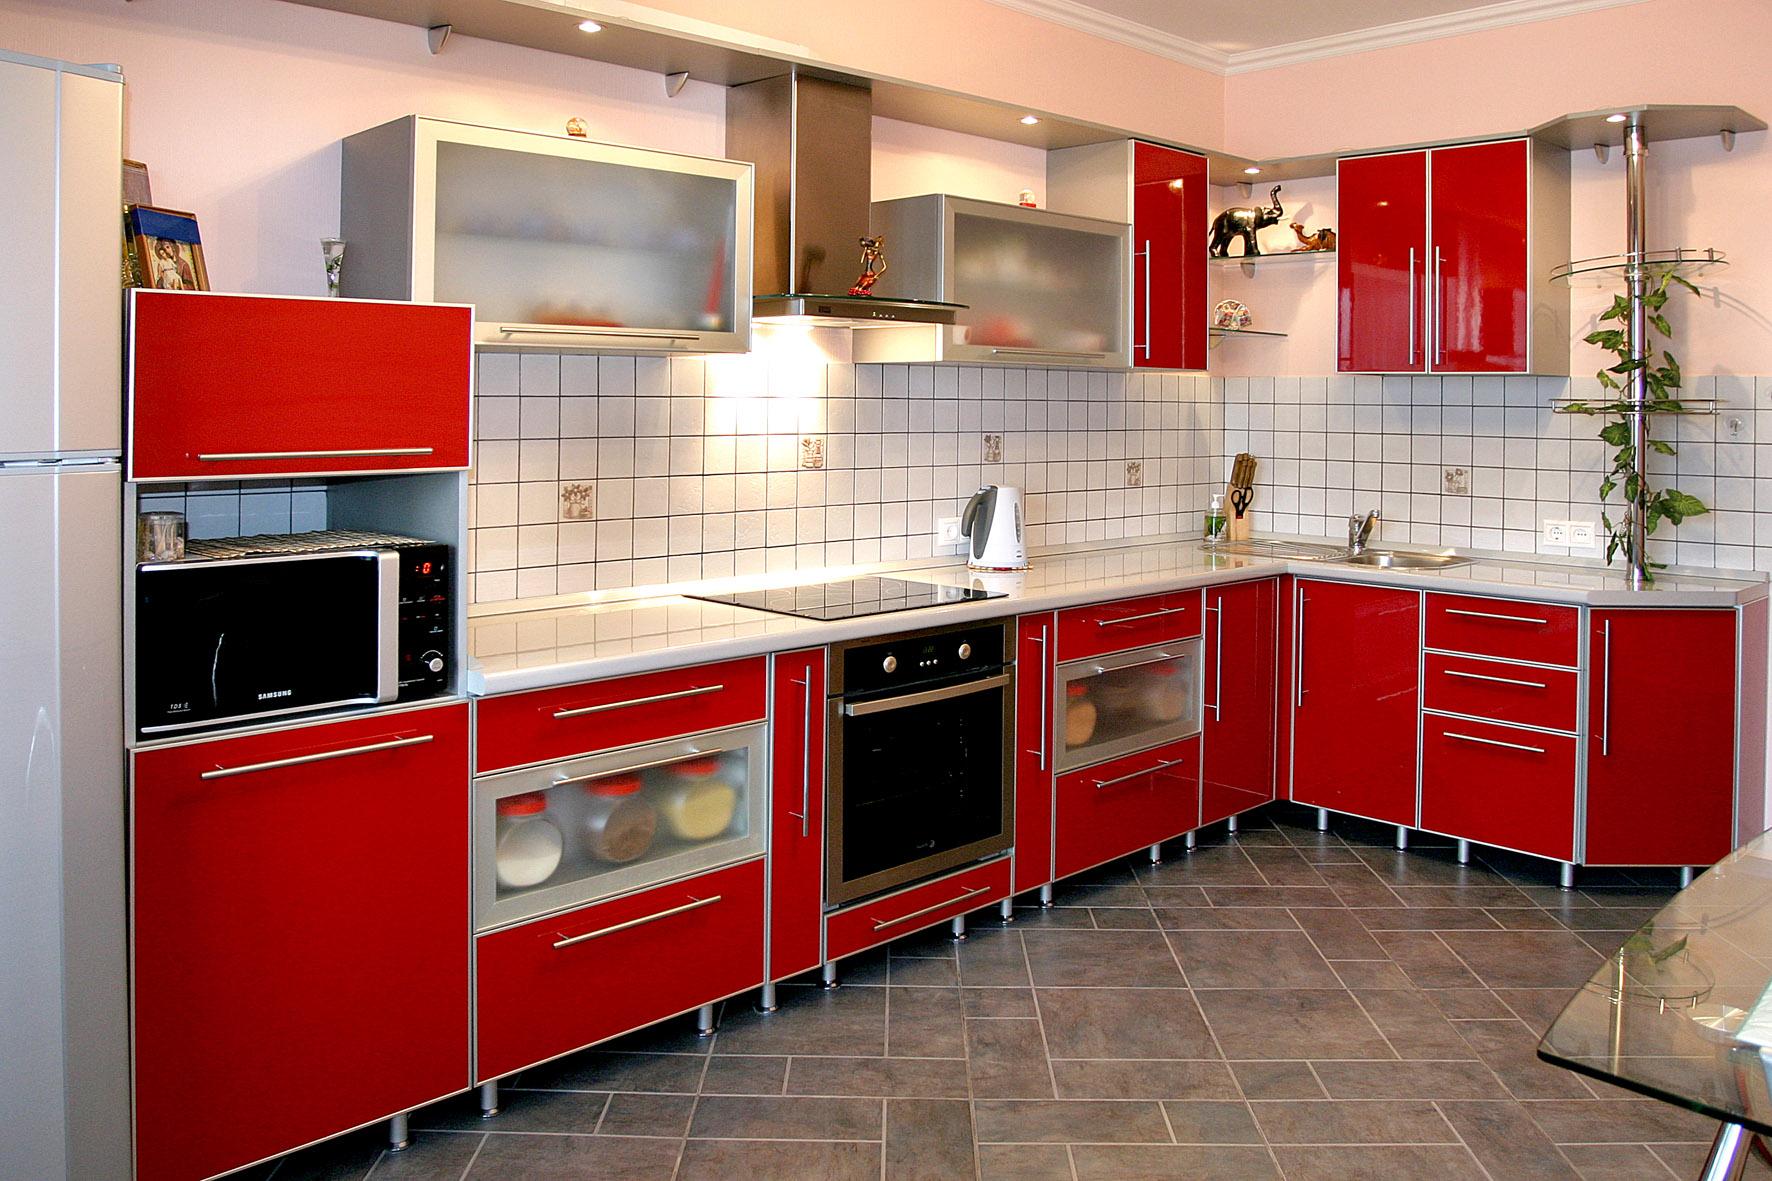 عمق خزائن المطبخ خزائن أسفل المطبخ 40 50 سم أفكار التخزين في خزائن معلقة عميقة